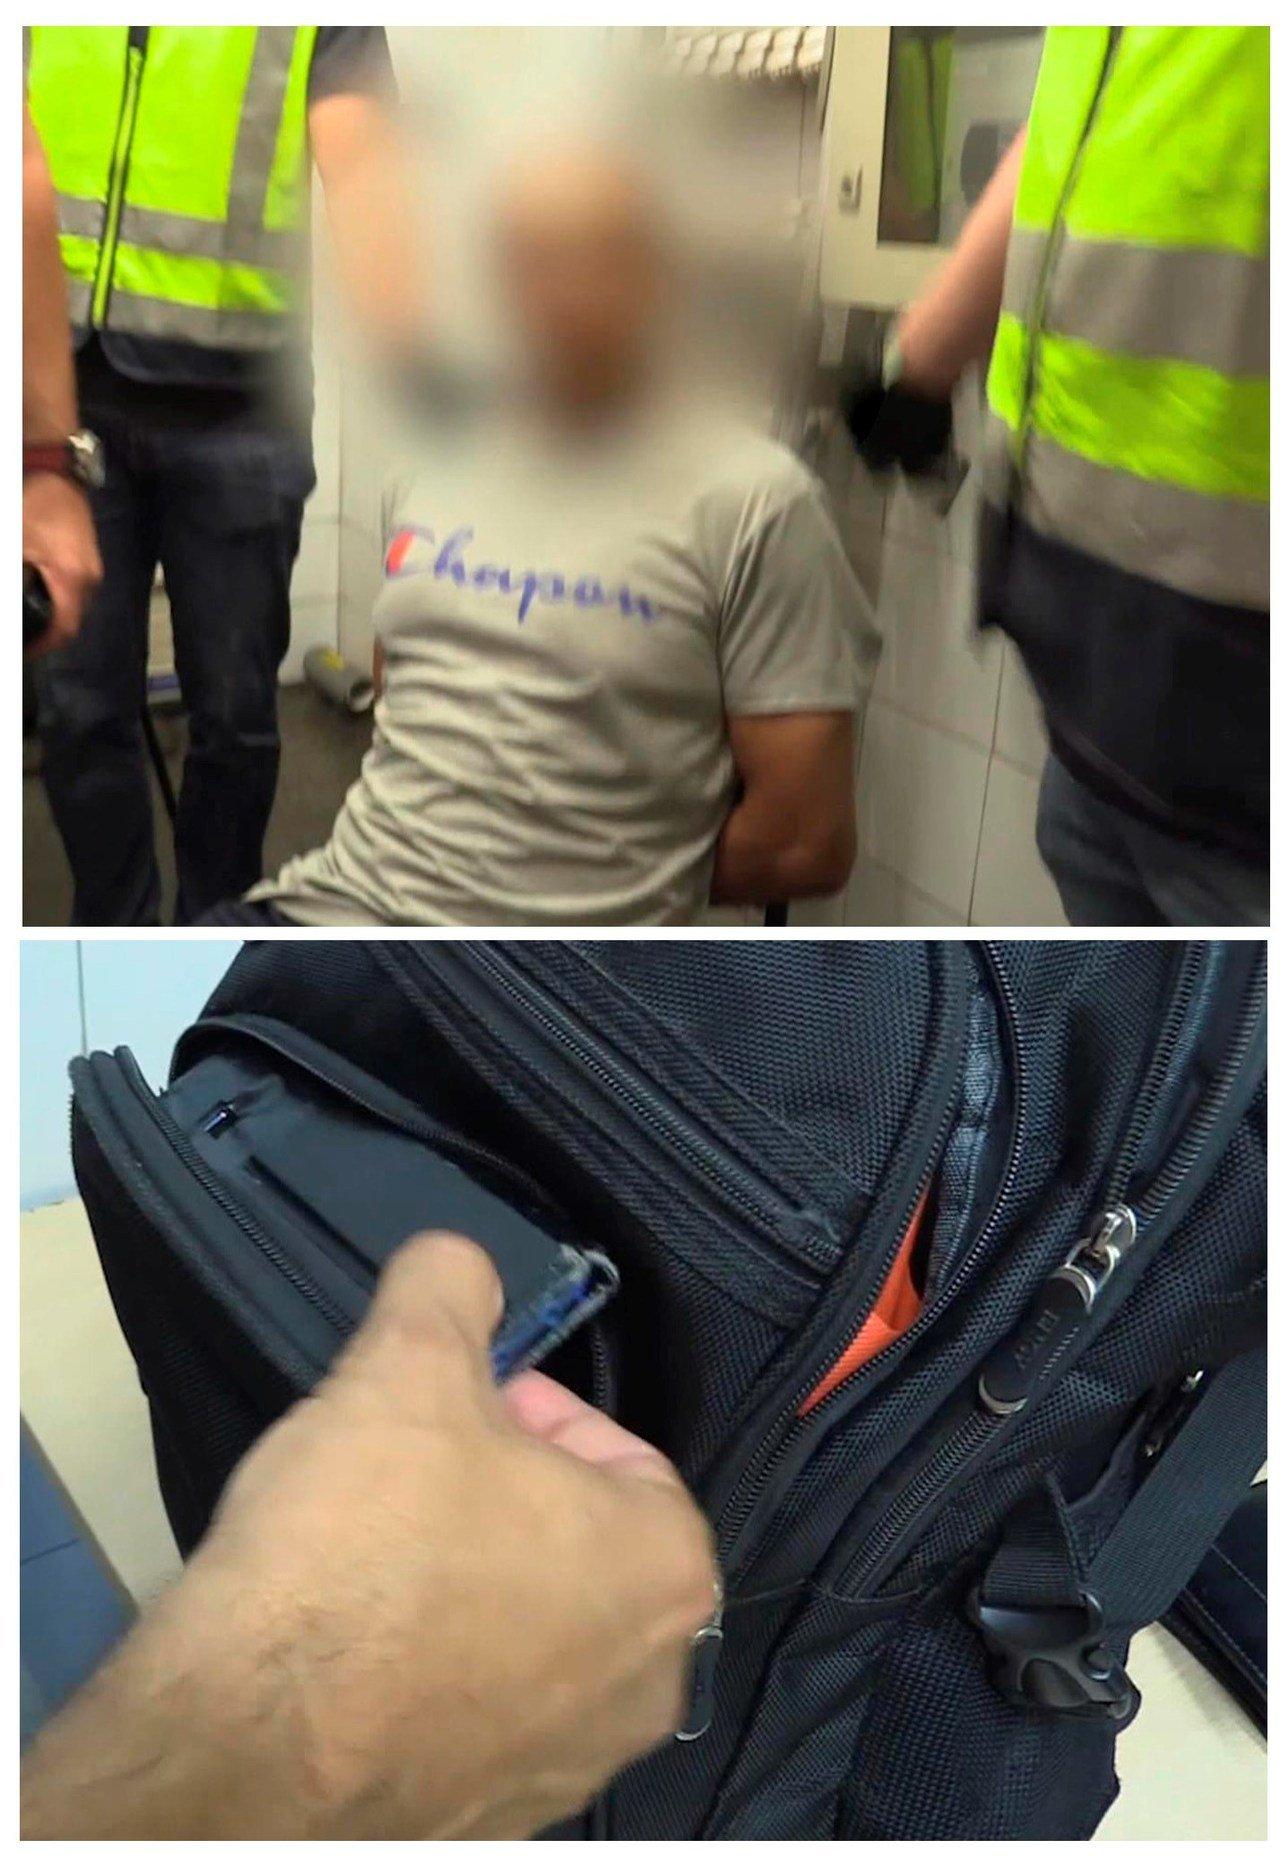 西班牙警方表示一名犯嫌因在大眾運輸工具上、超市偷拍女性裙底風光被捕,受害者超過5...